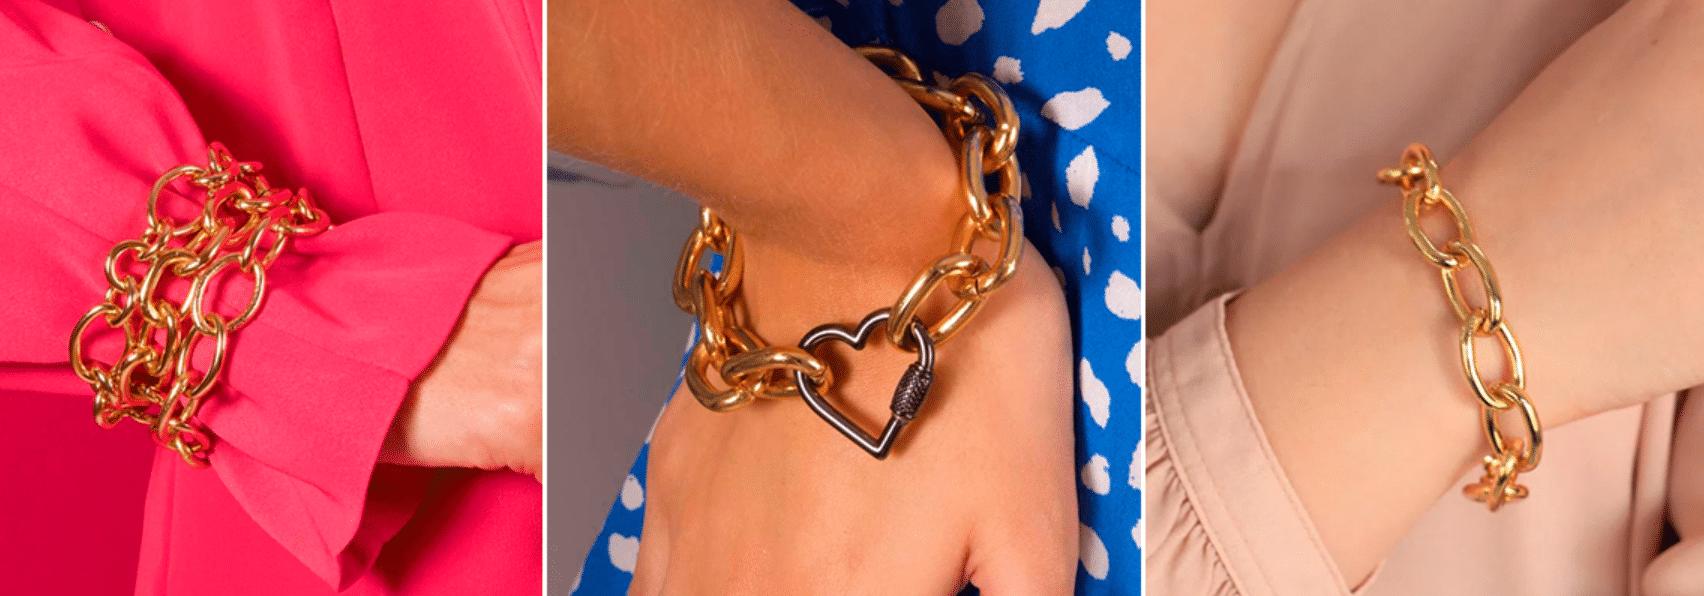 três fotos de diferentes mulheres usando pulseiras de correntes em seus punhos